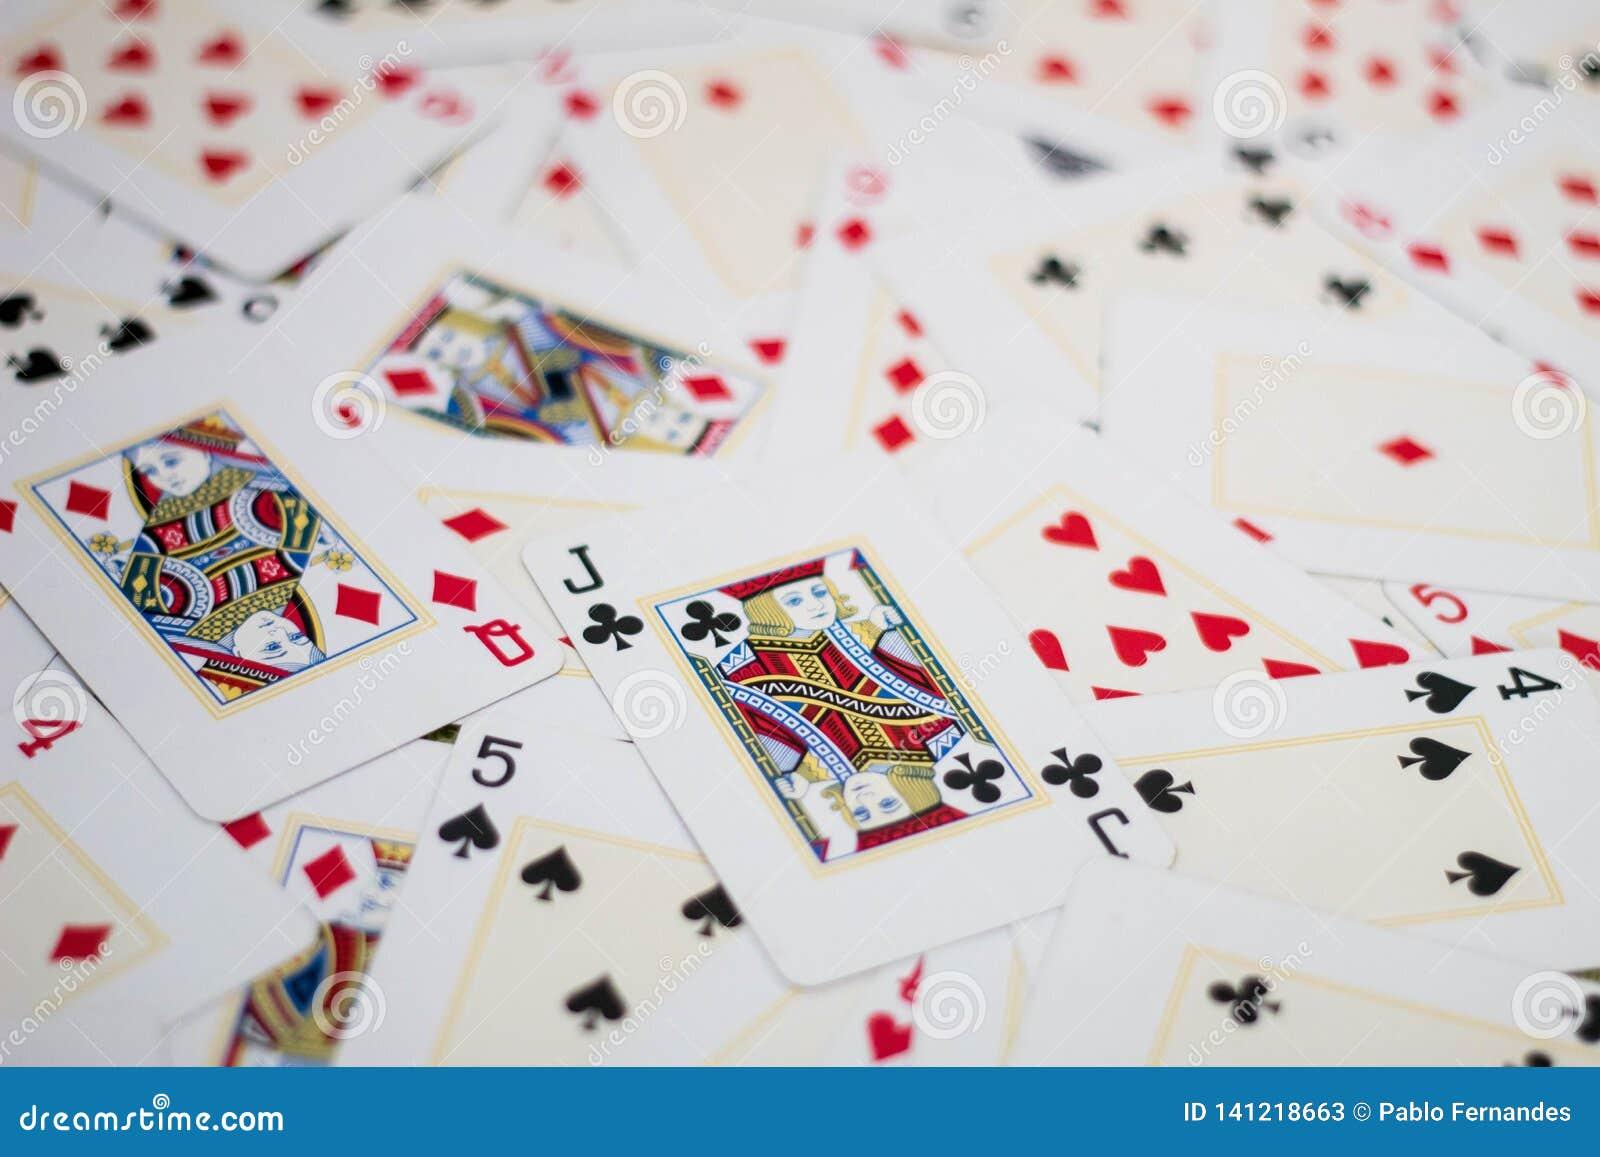 Mischkarten auf dem Tisch